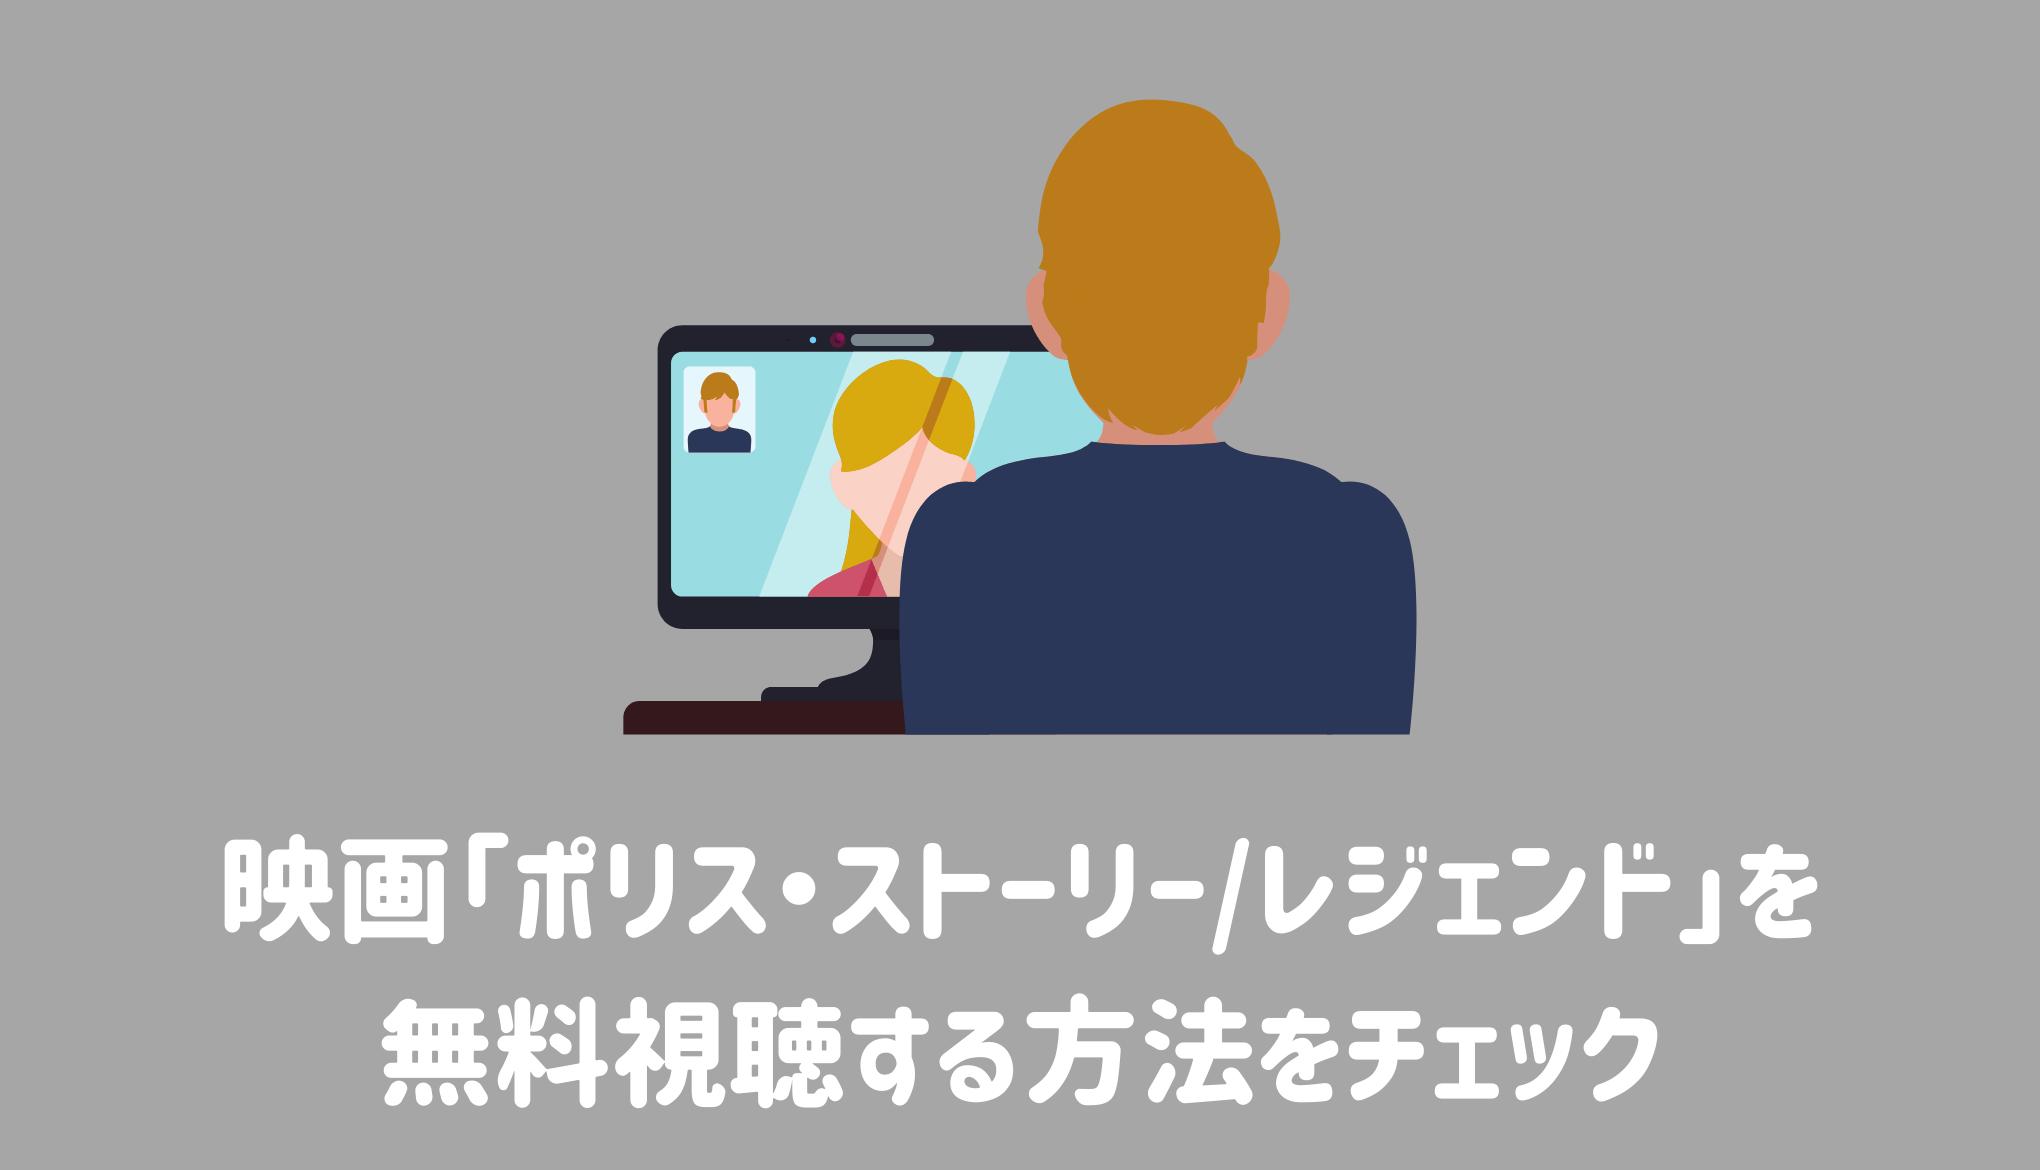 映画「ポリス・ストーリー/レジェンド」を無料視聴する方法